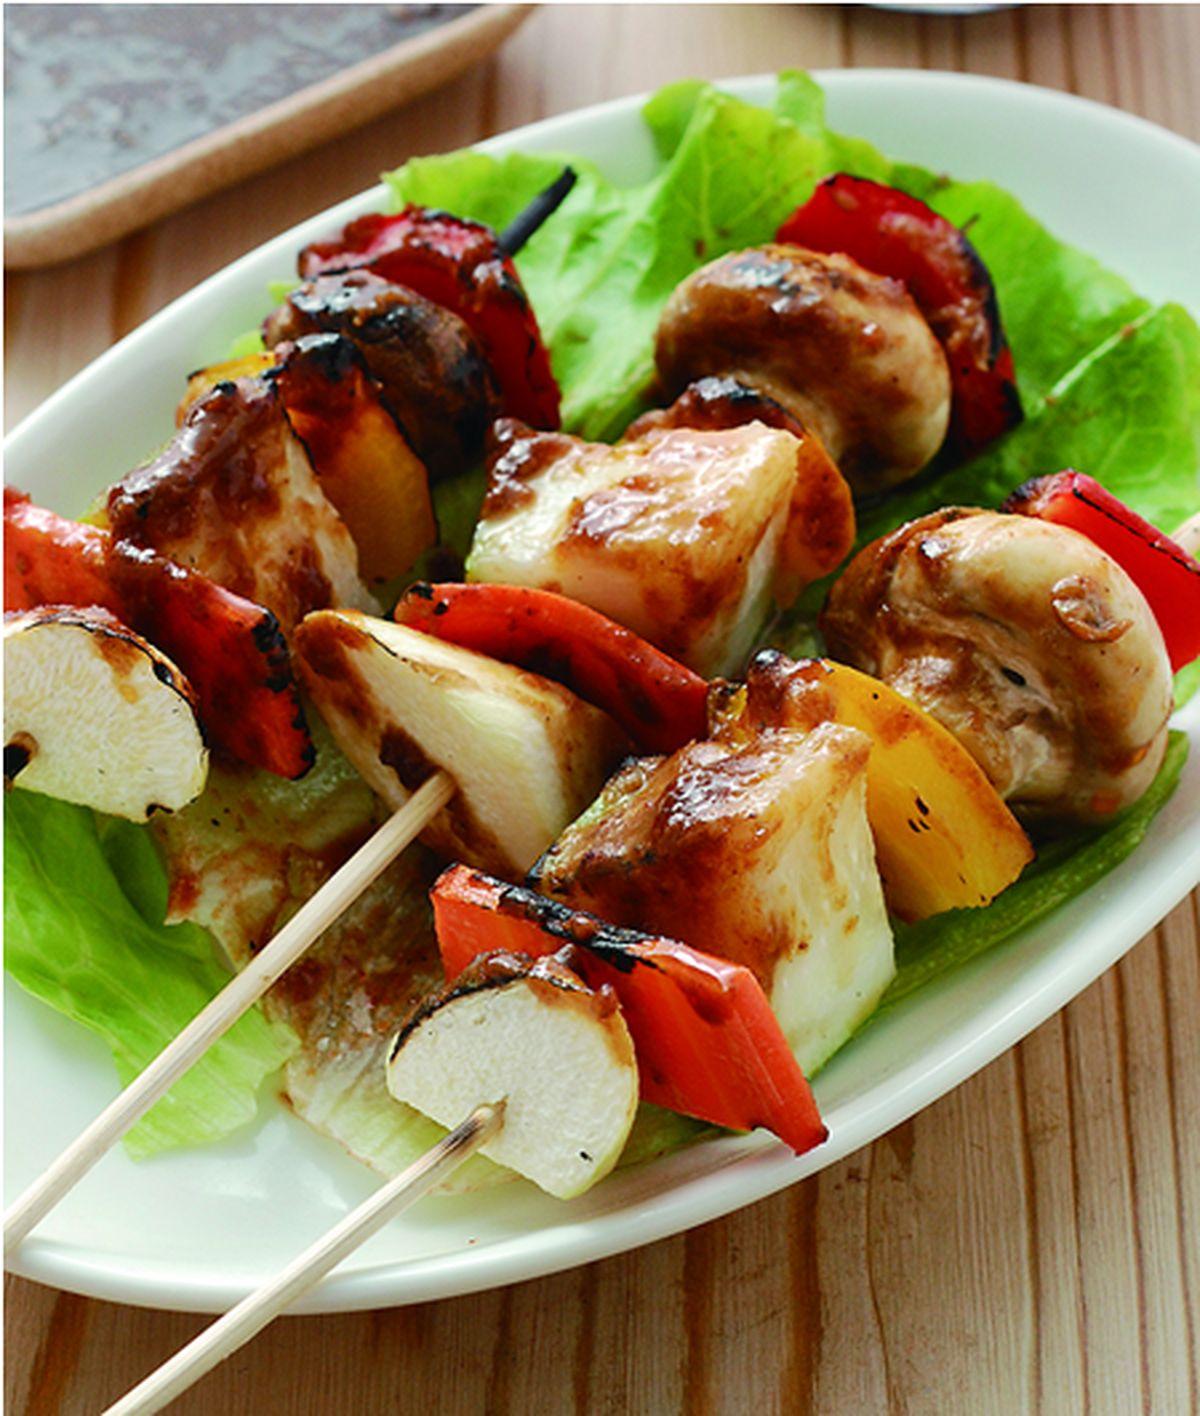 食譜:串燒蔬菜佐沙茶蛋黃醬